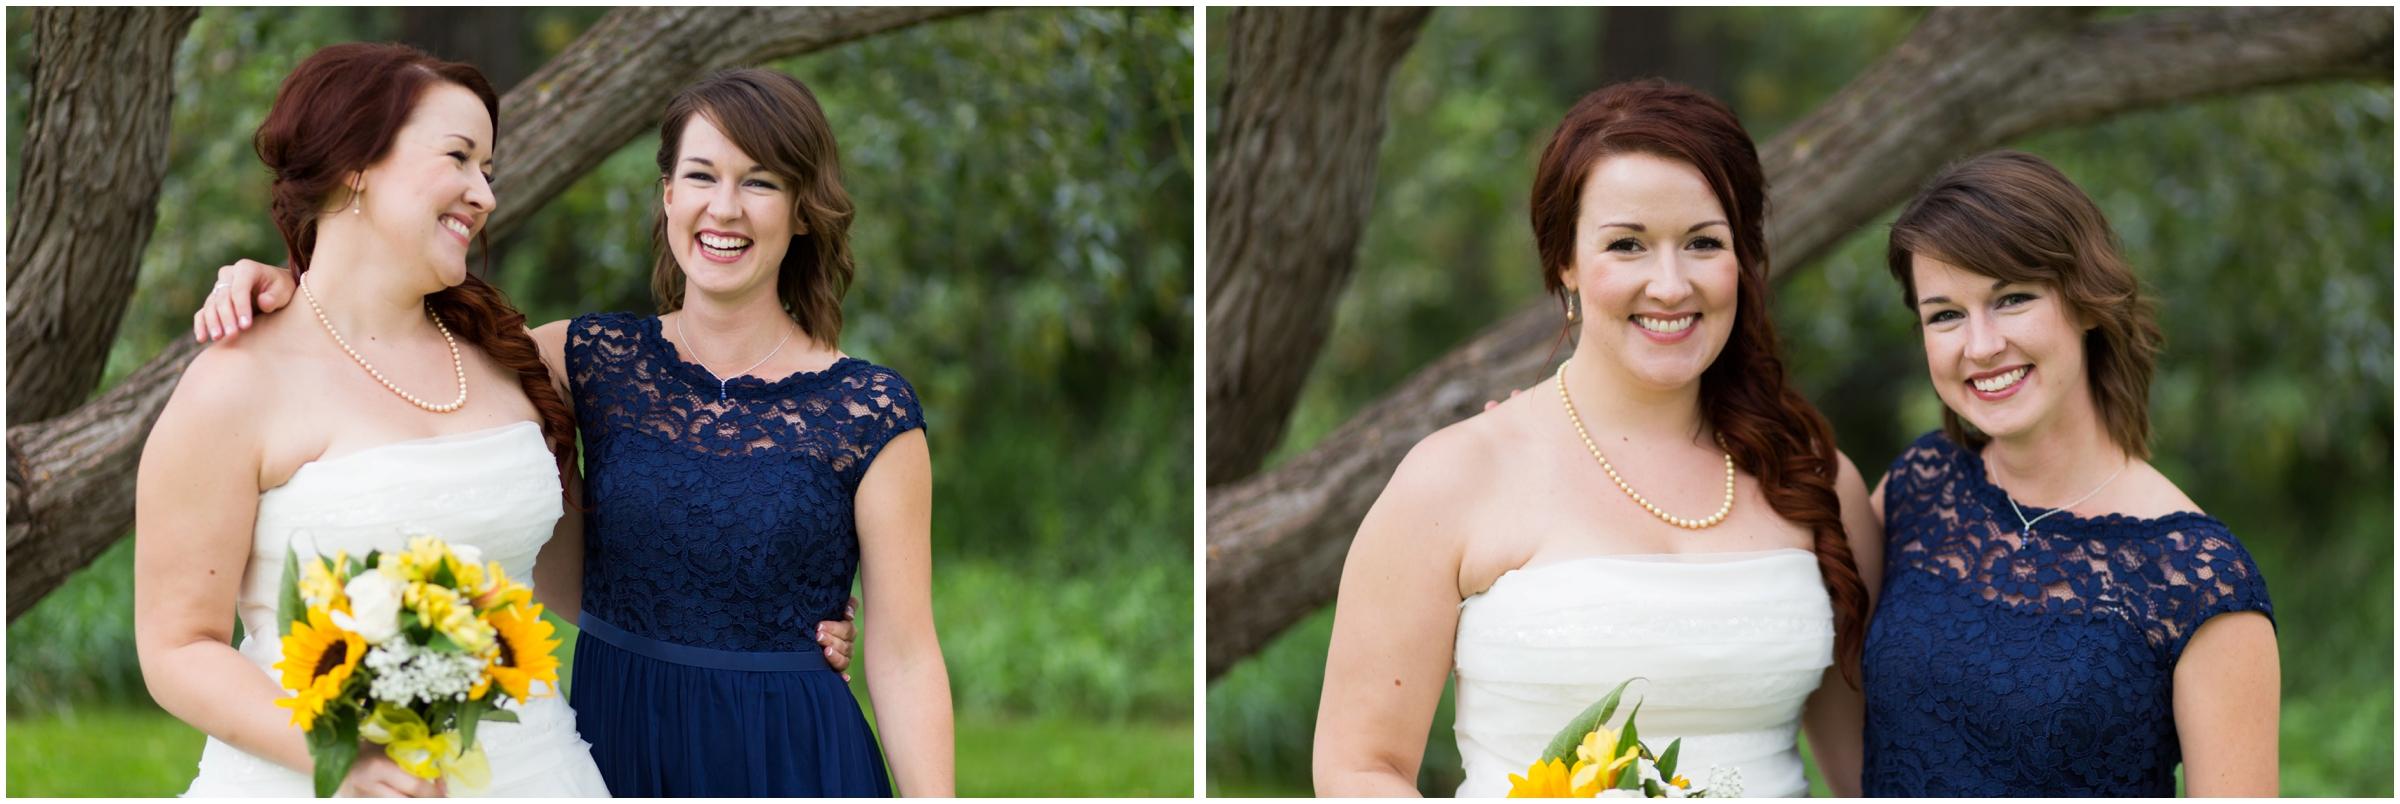 Katie and Larissa (Selena Phillips-Boyle)_0019.jpg